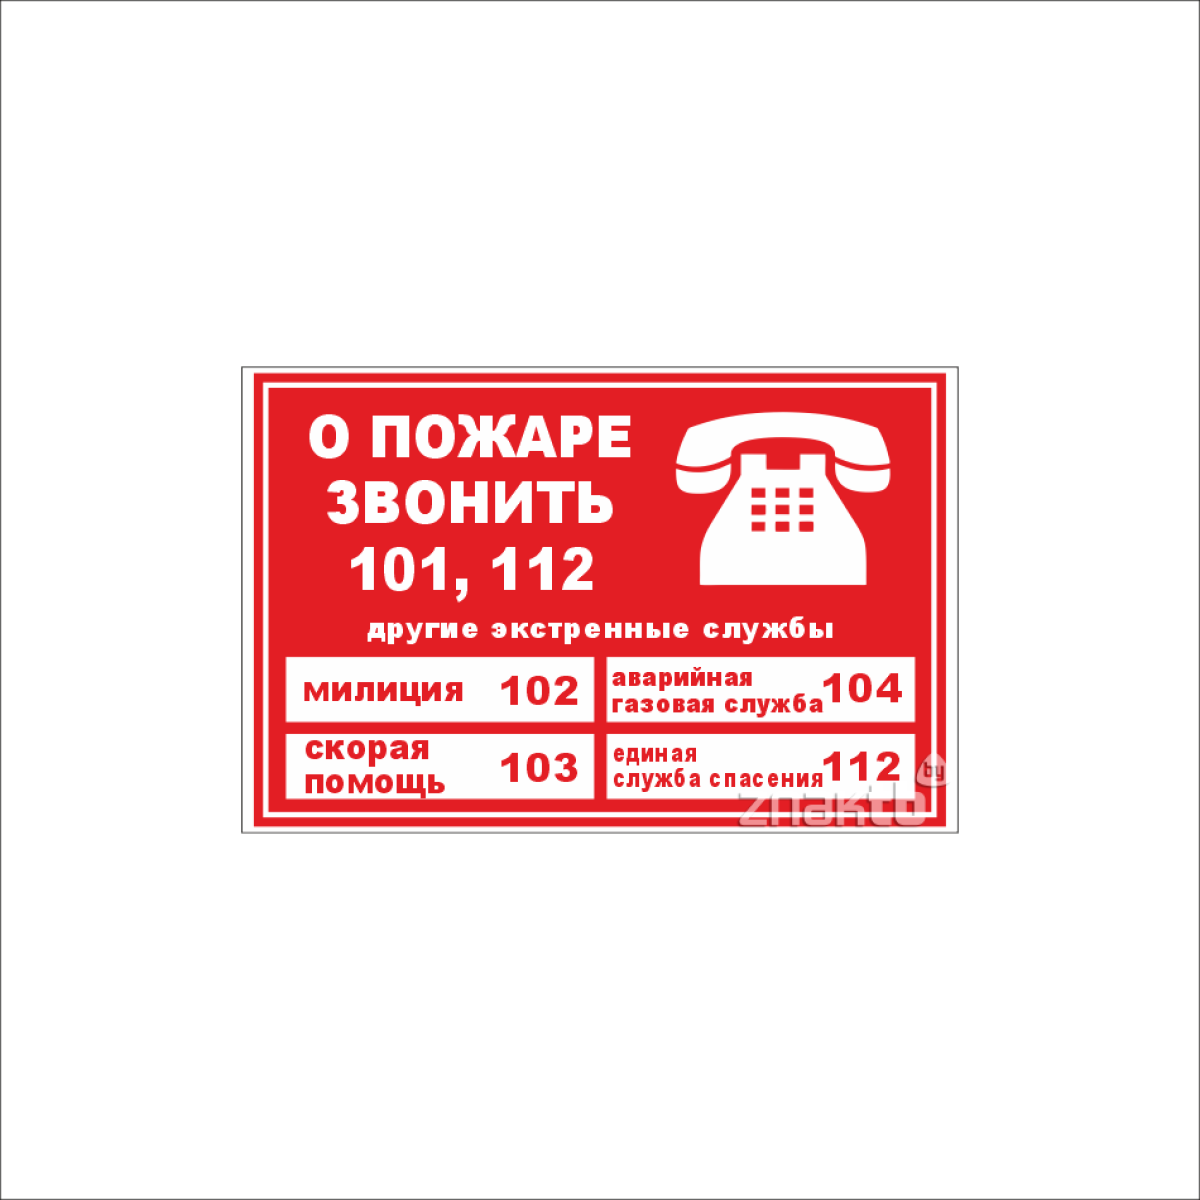 Знак При пожаре звонить  101 или 112 и другие службы спасения